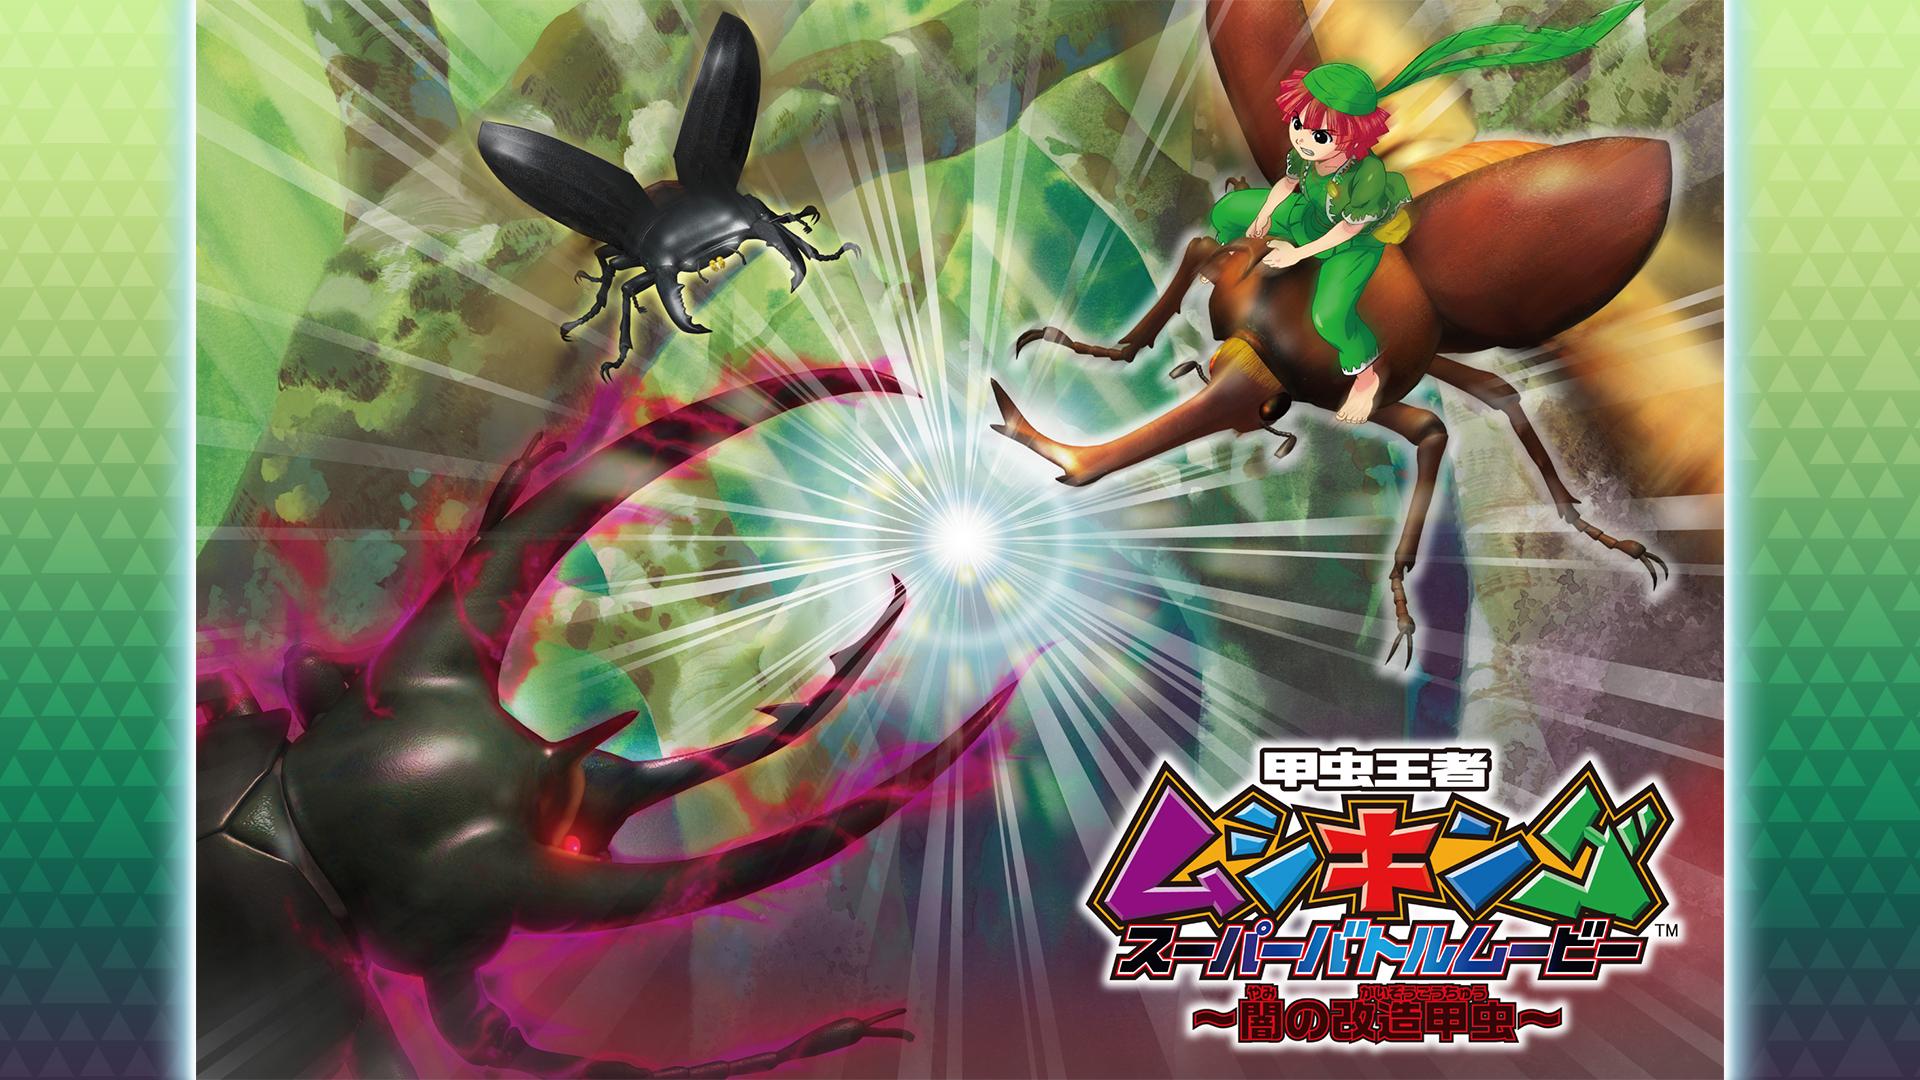 甲虫王者ムシキング スーパーバトルムービー ~闇の改造甲虫~(dアニメストア)